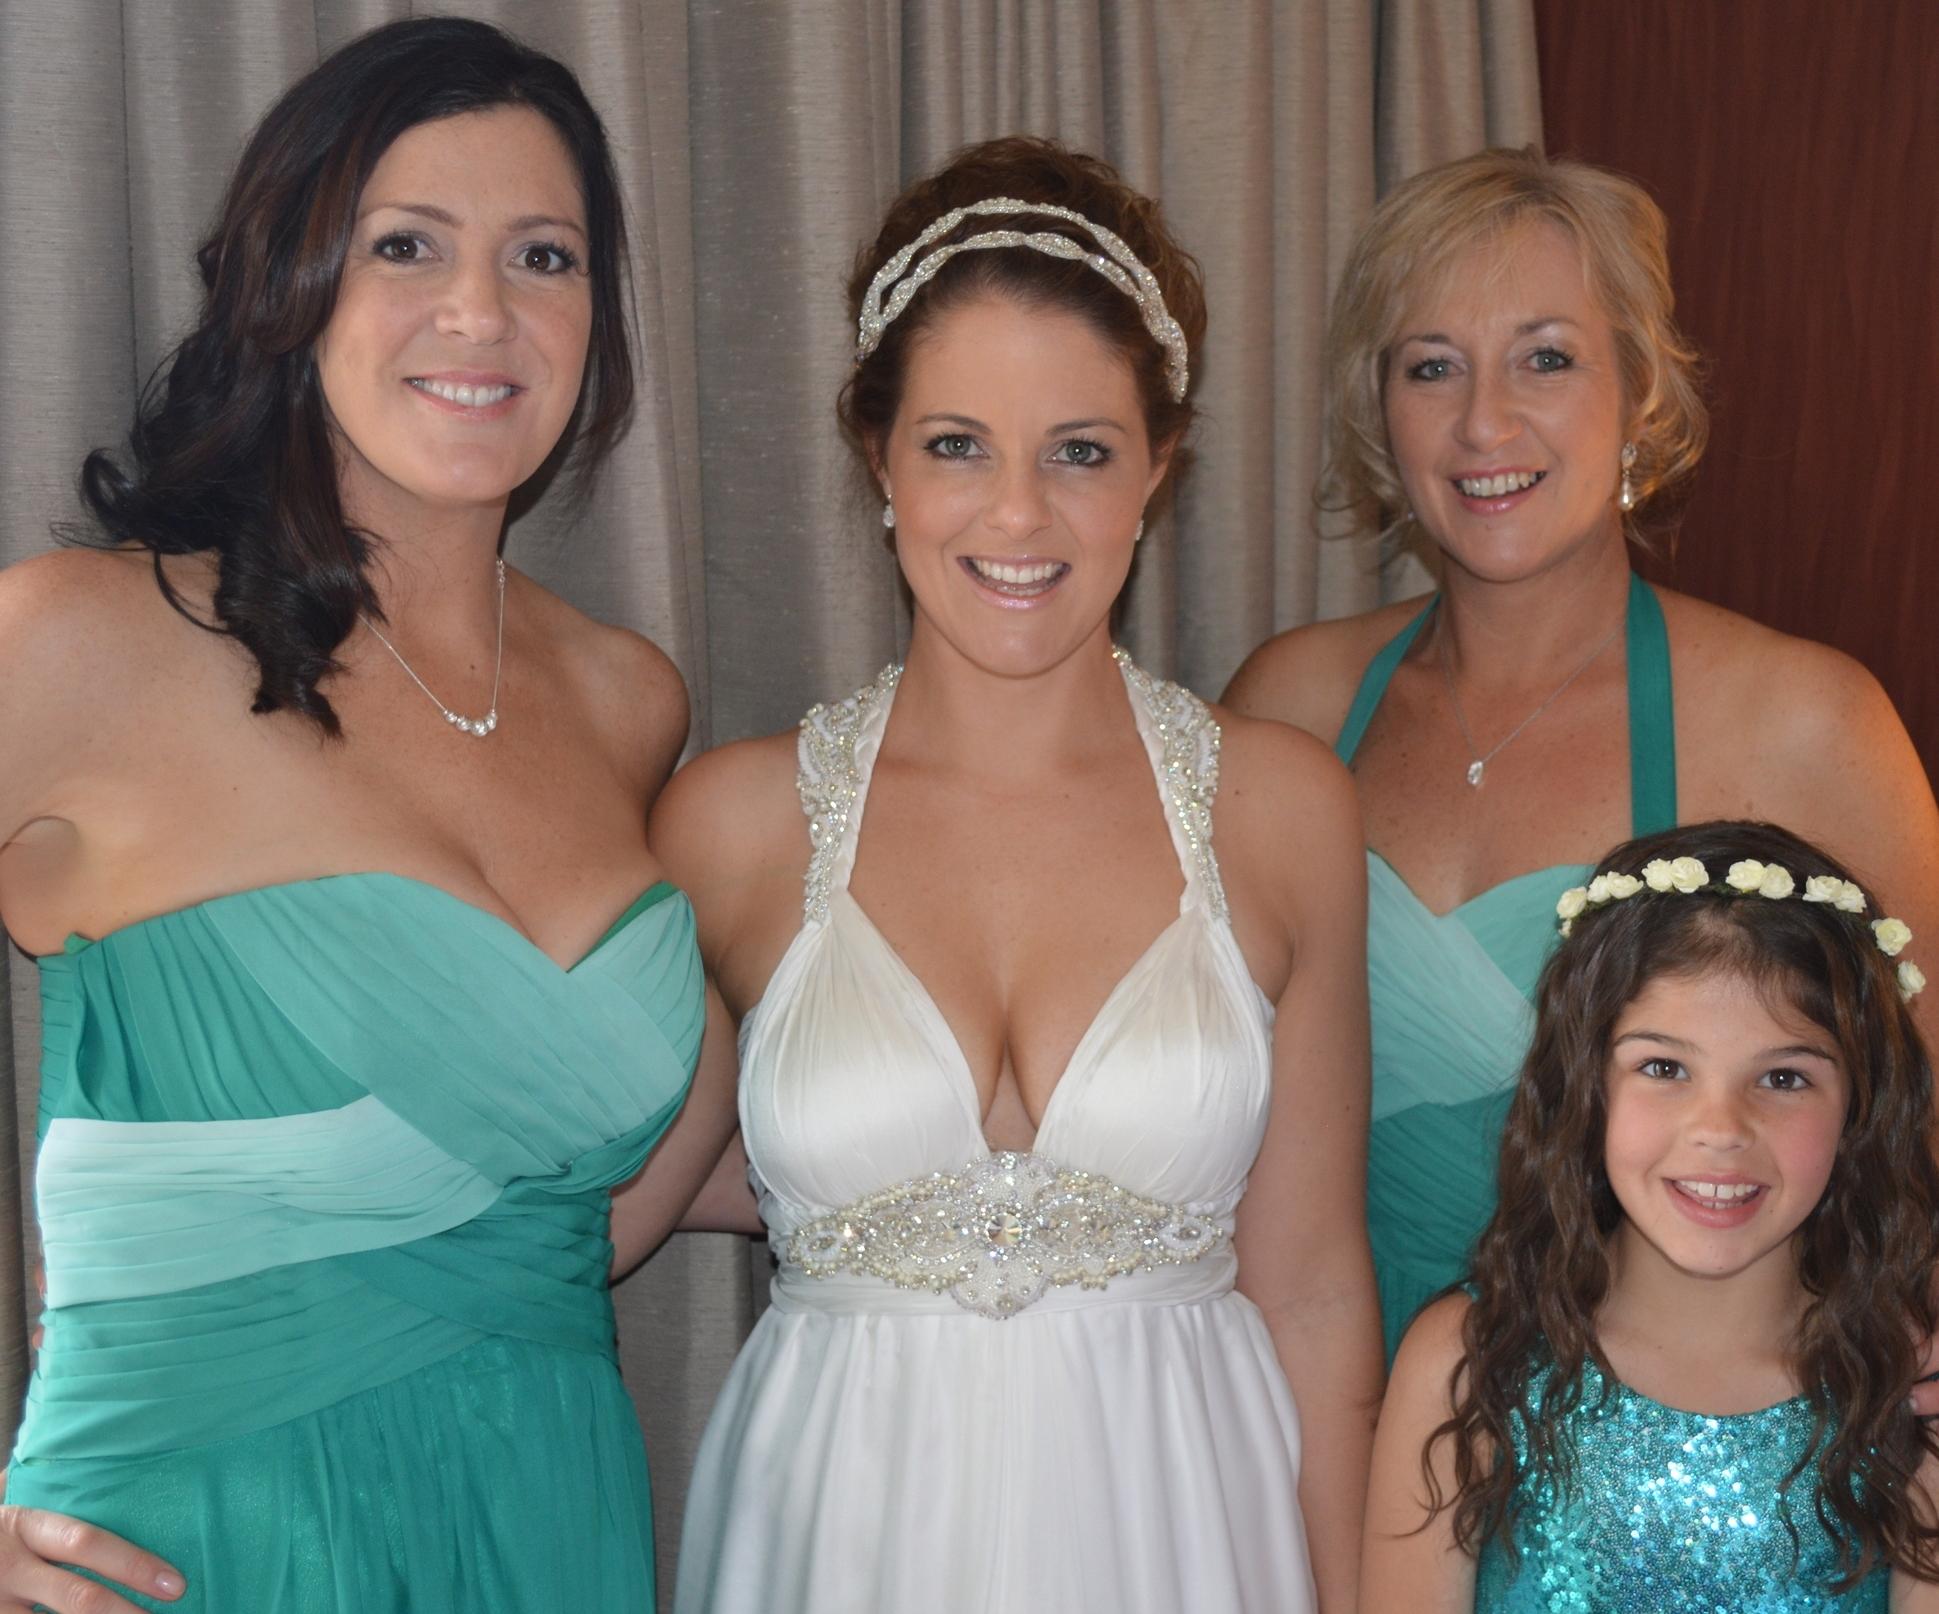 Bridal_party_ladiesmakeup.jpg